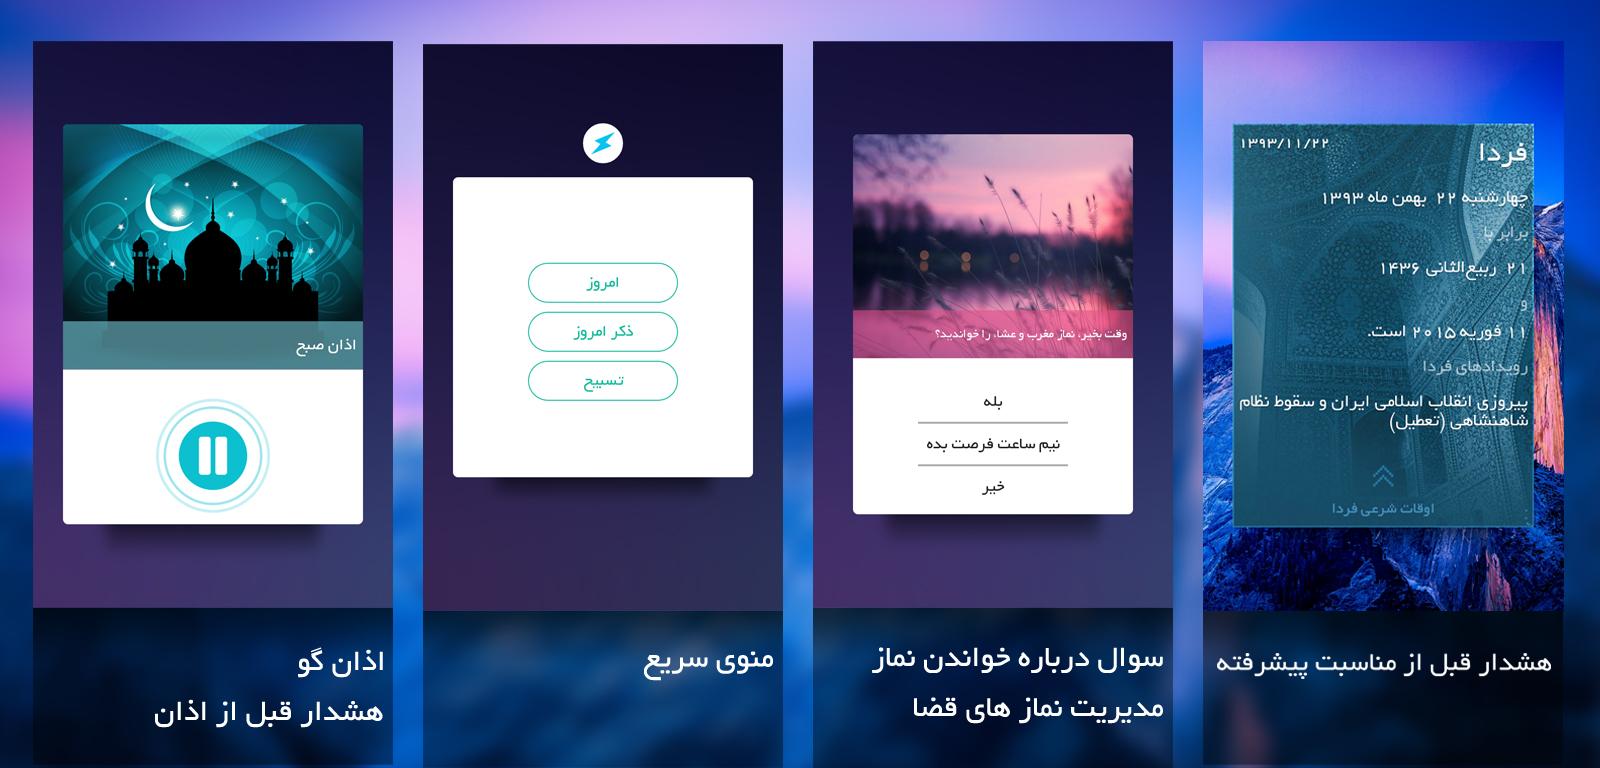 دانلود کنید: اسلام تولز، پیشرفتهترین نرم افزار مذهبی!